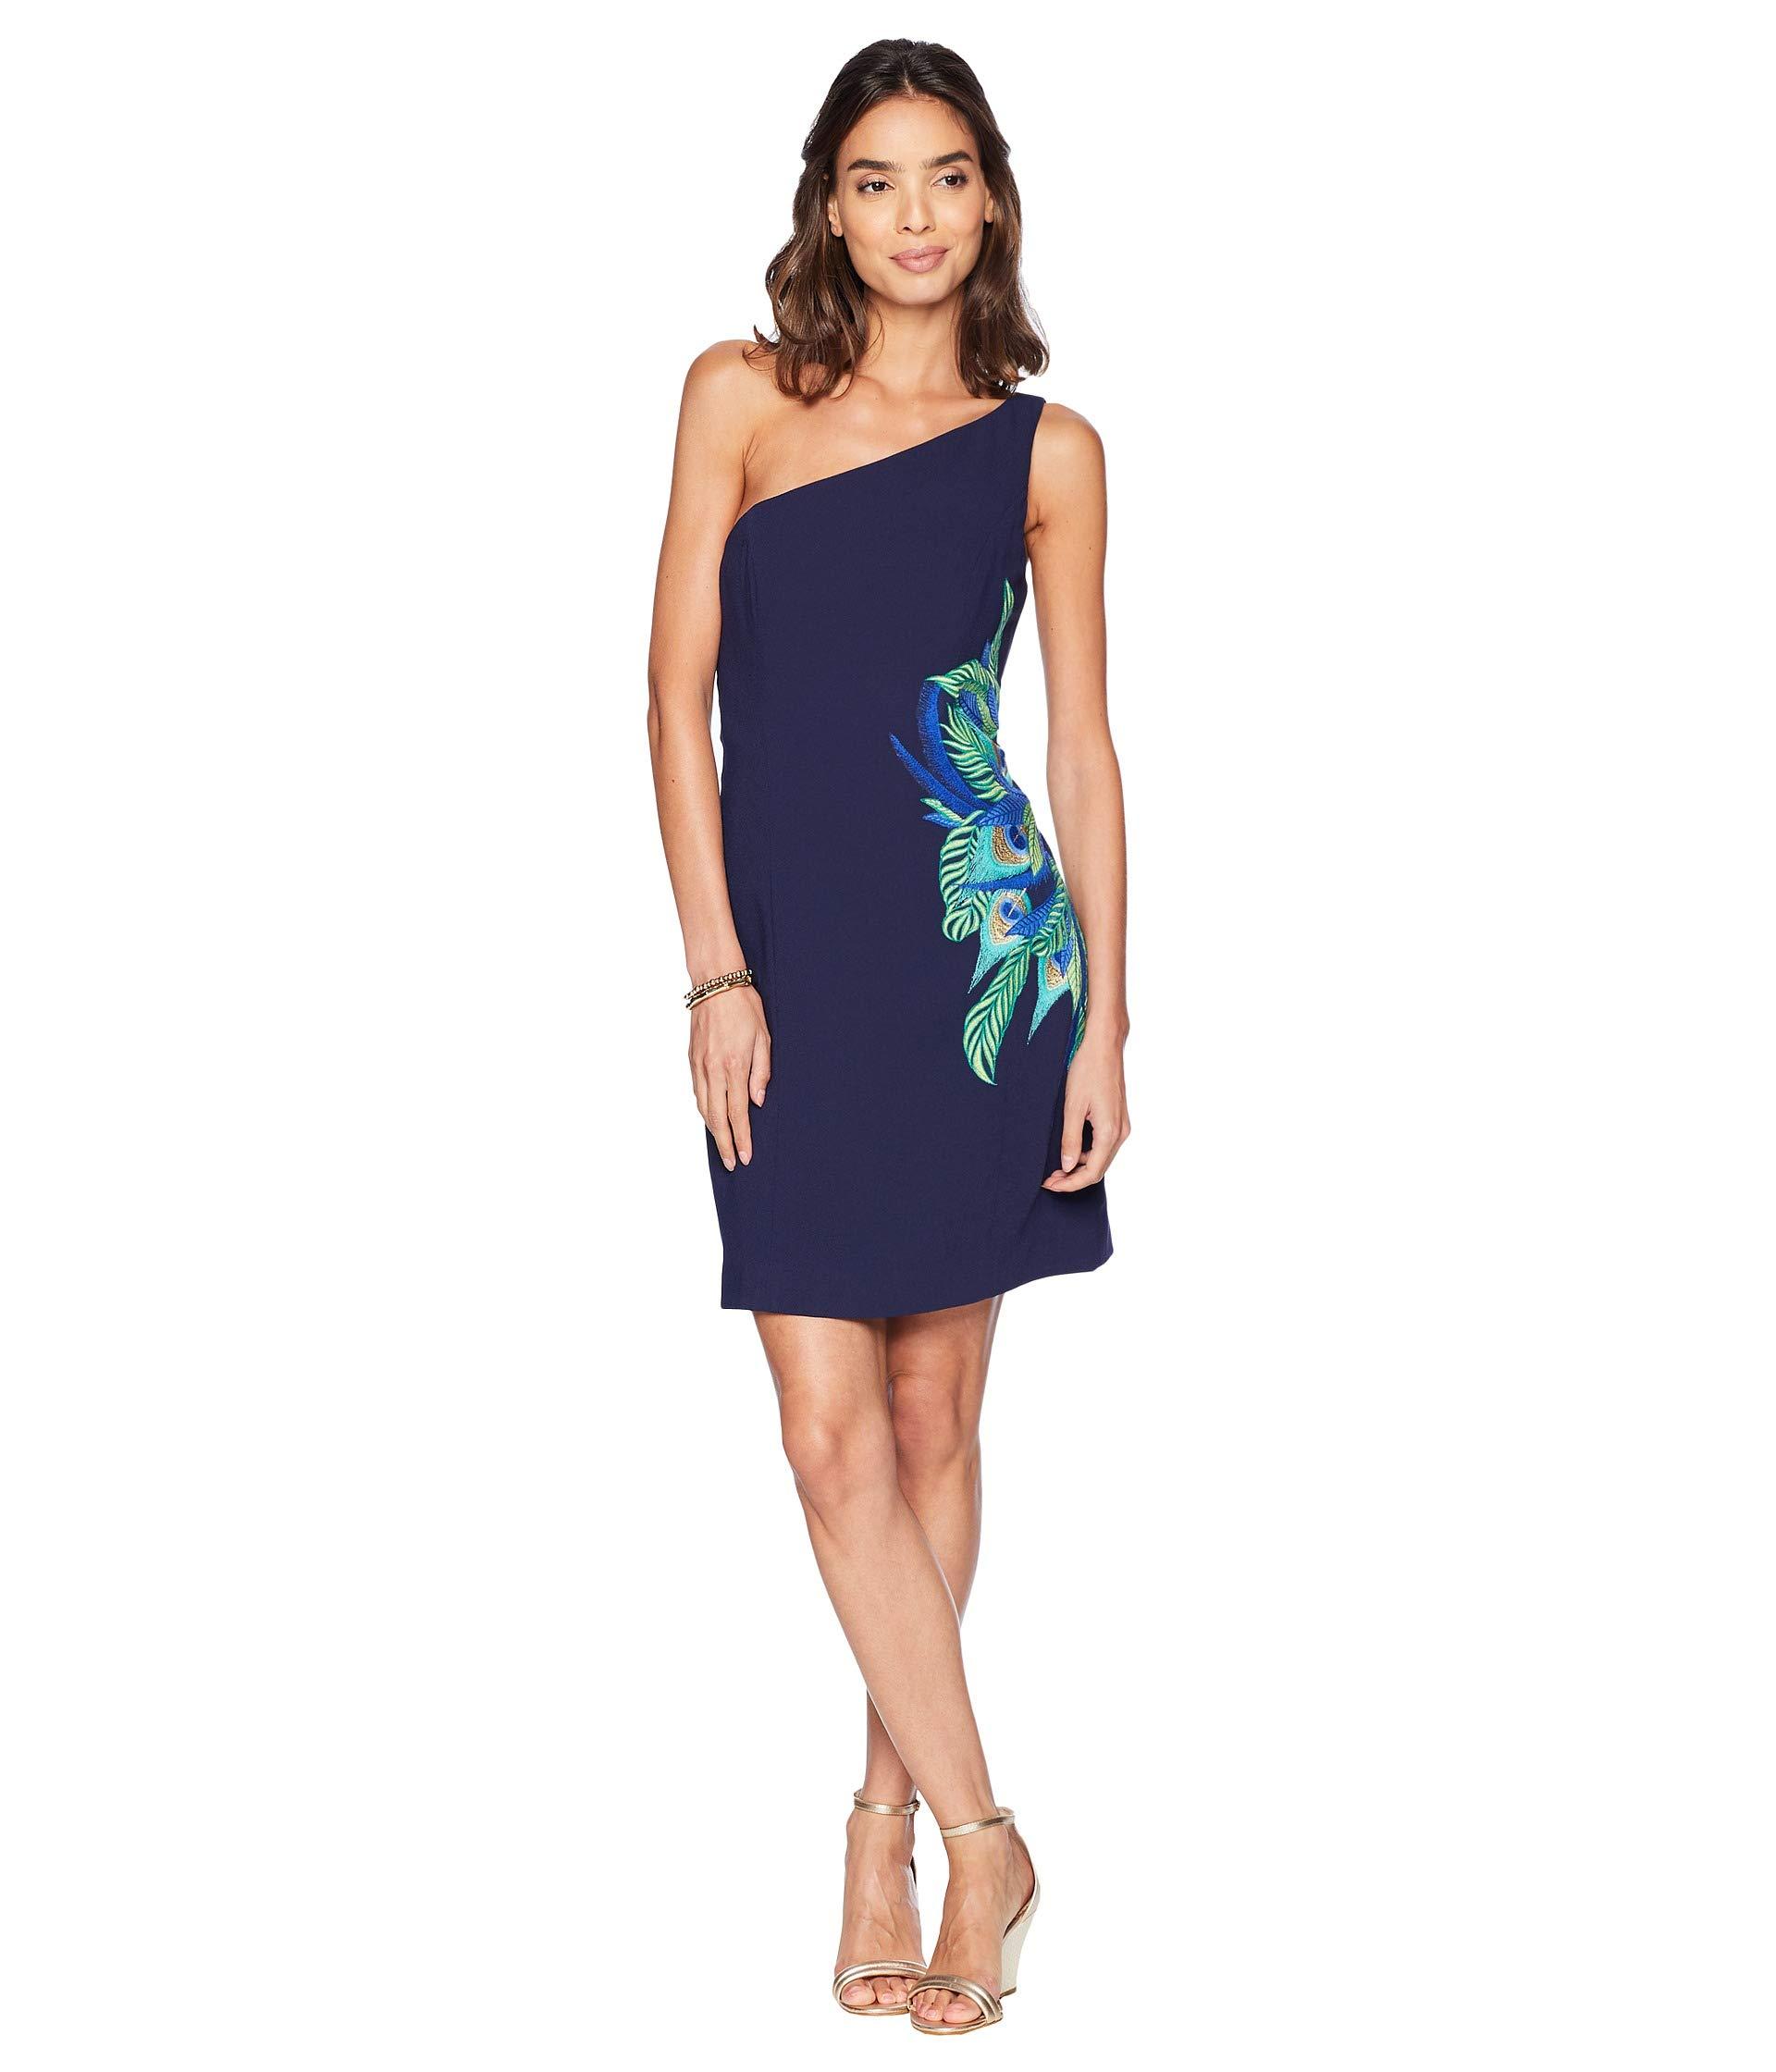 Dress Jamie True Lilly Navy Pulitzer E5xqYnU